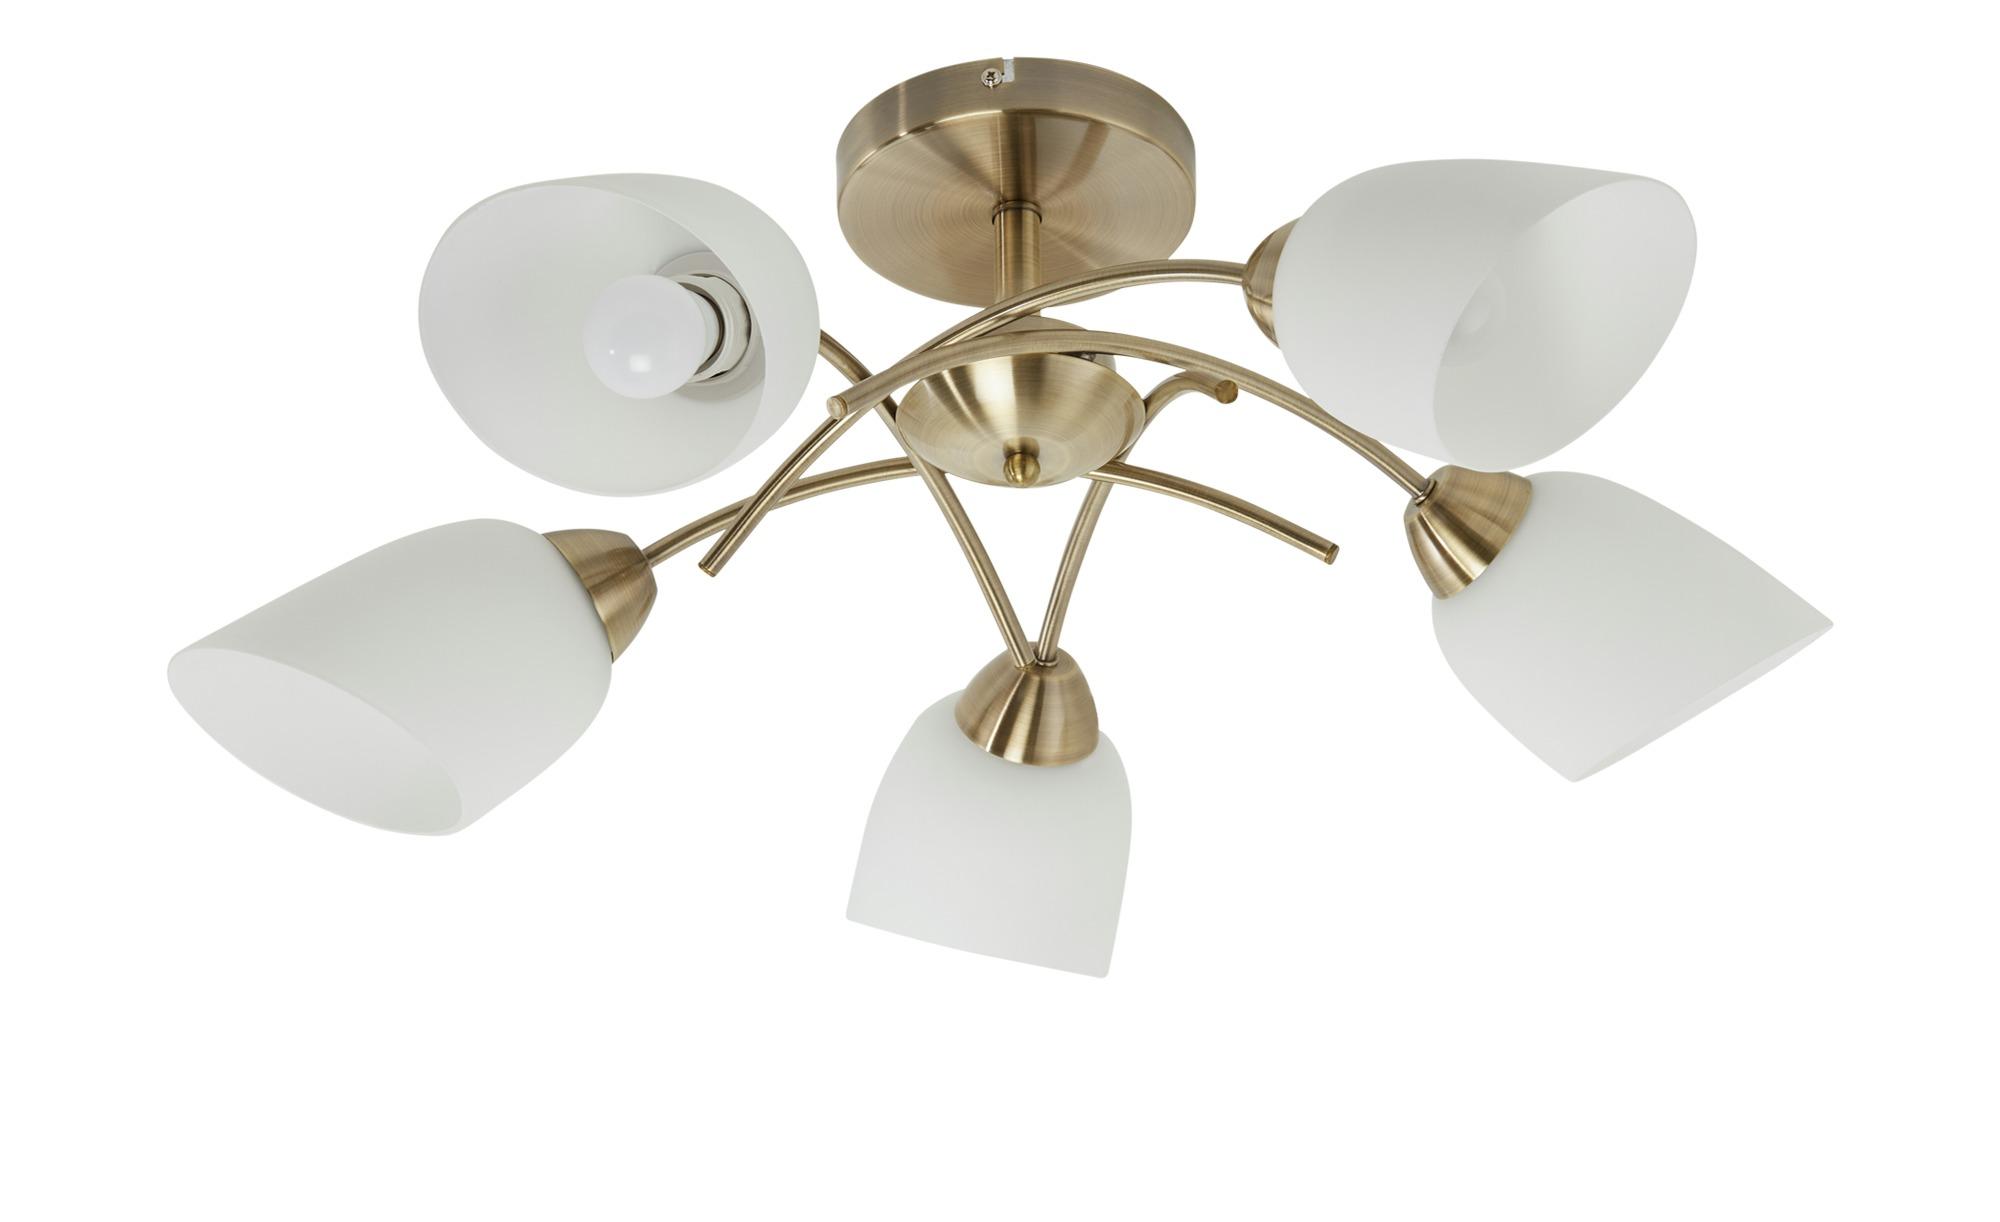 Deckenleuchte, 5-flammig, fume´/ Glas alabaster ¦ gold ¦ Maße (cm): H: 33 Ø: 70 Lampen & Leuchten > Innenleuchten > Deckenleuchten - Höffner